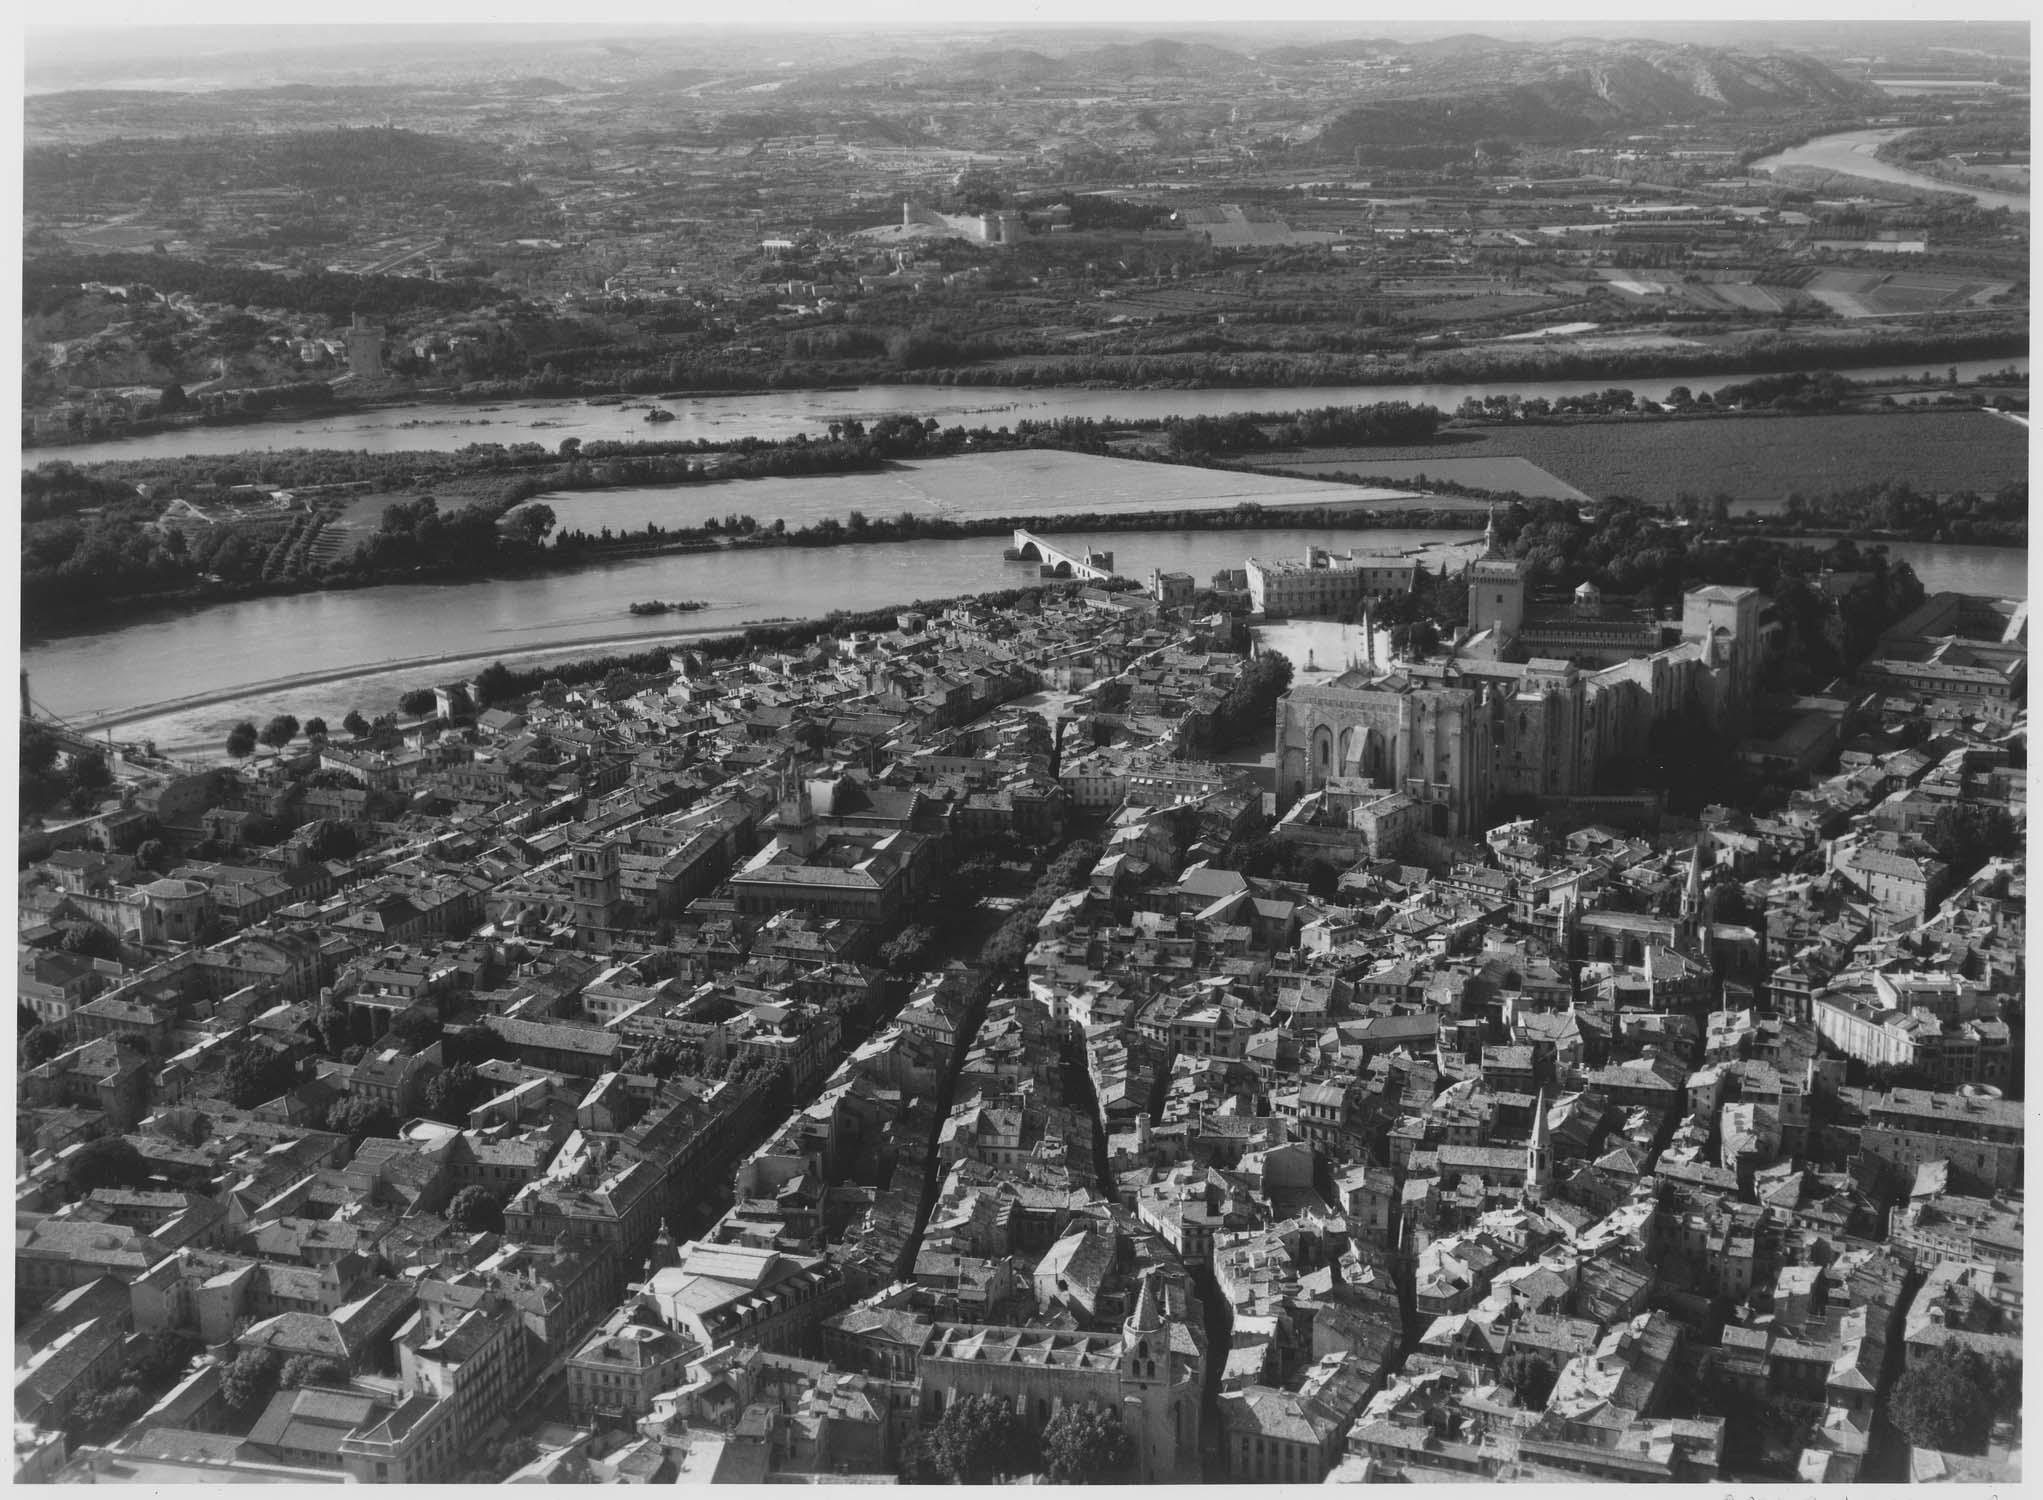 Église Saint-Didier; Église Saint-Pierre; Maison ou ancien Hôtel Calvet de la Palun; Palais des Papes